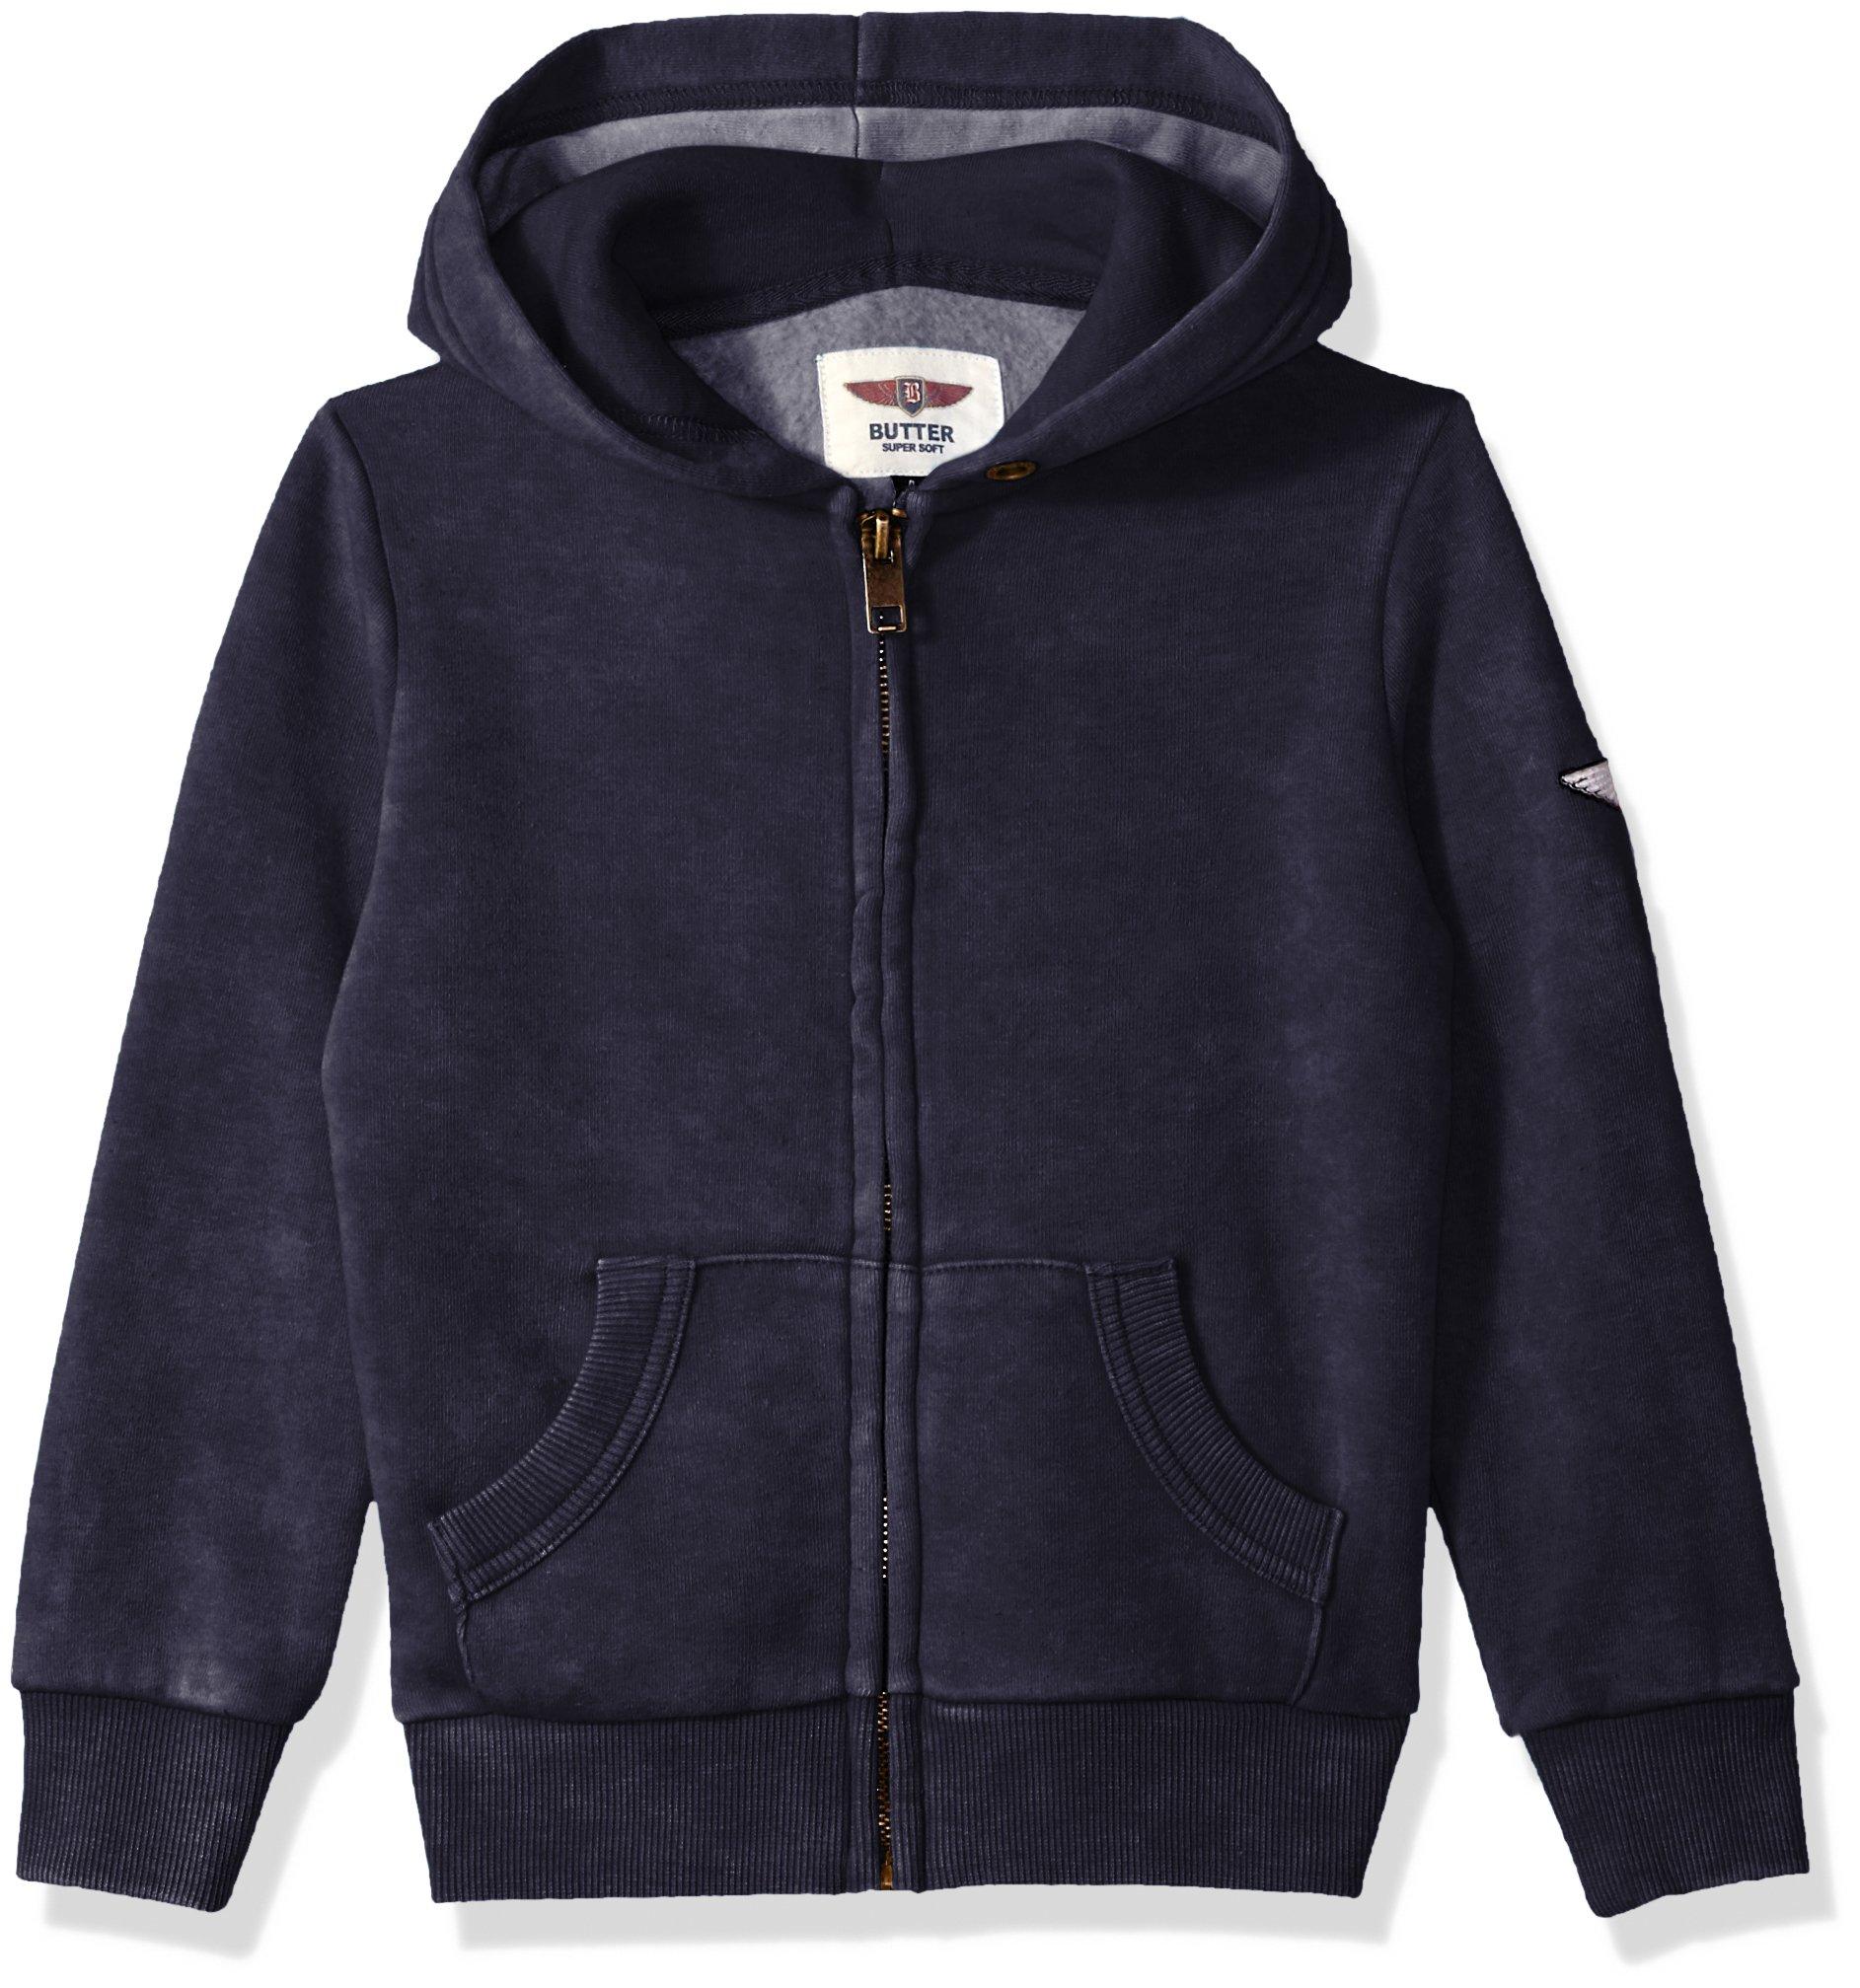 Butter Boys' Little Long Sleeve Fleece Hoodie, Maritime Blue, 6